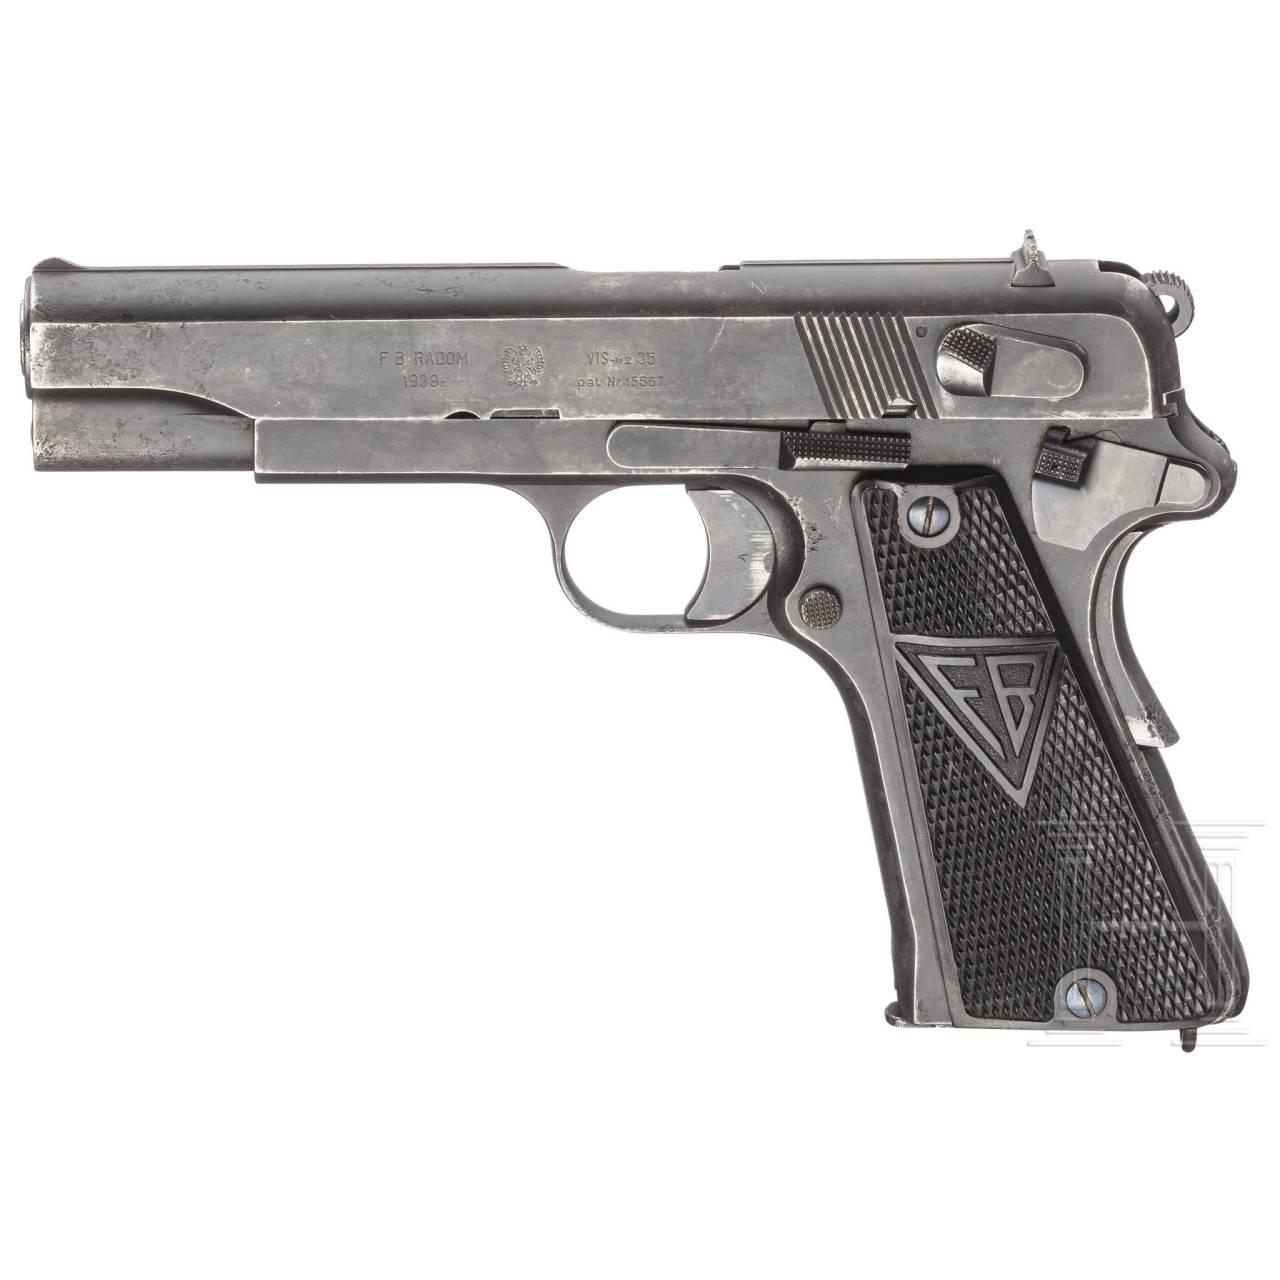 VIS Mod. 35, Radom 1939